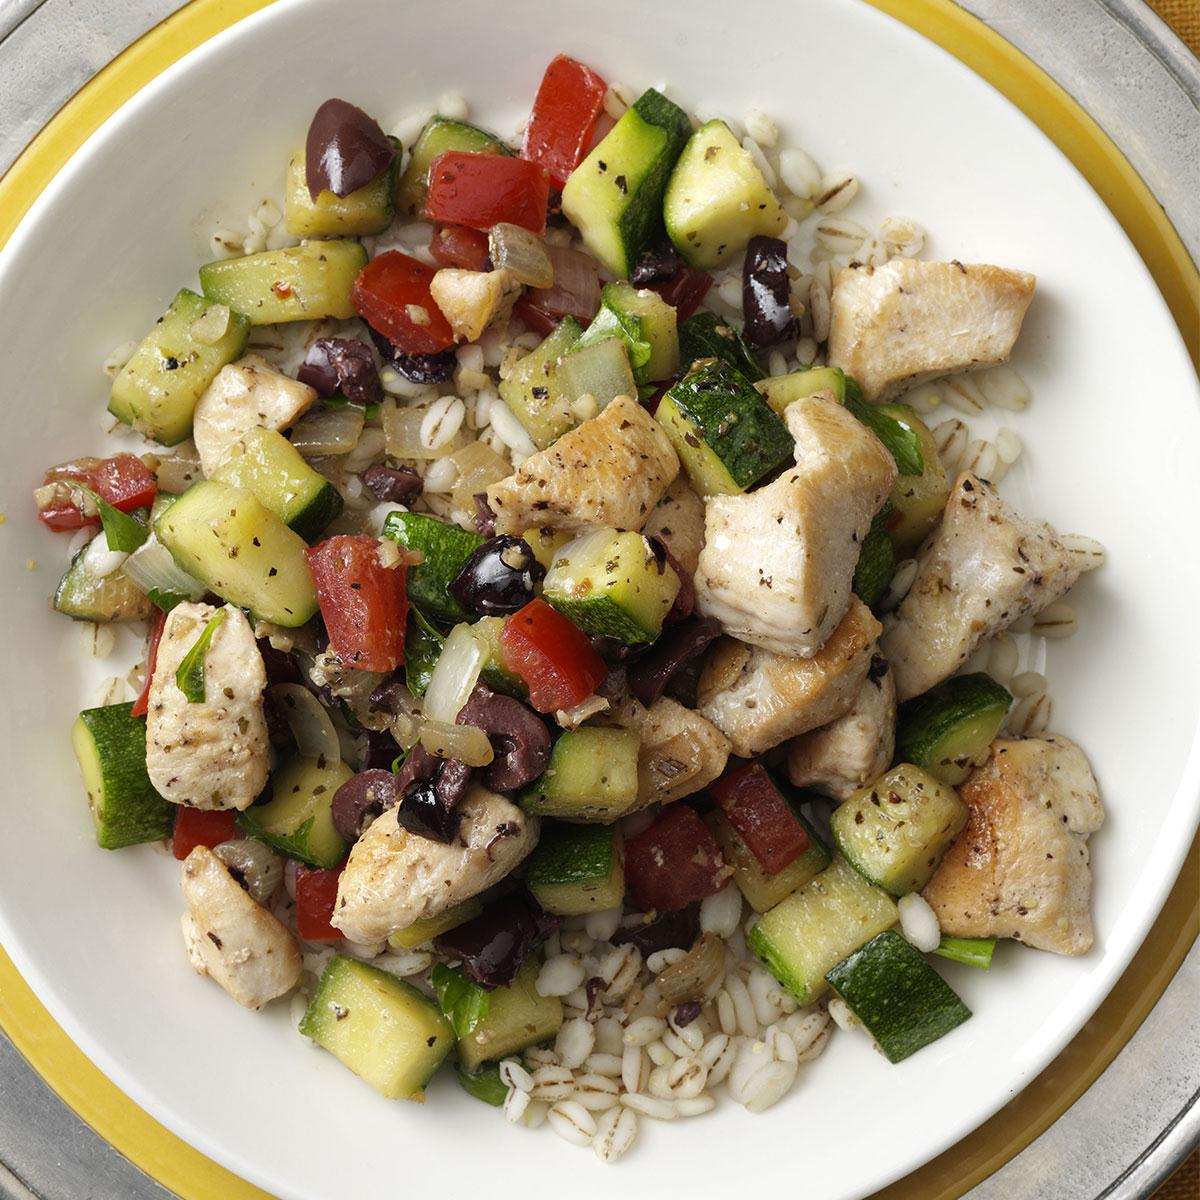 Mediterranean Chicken Stir Fry Recipe